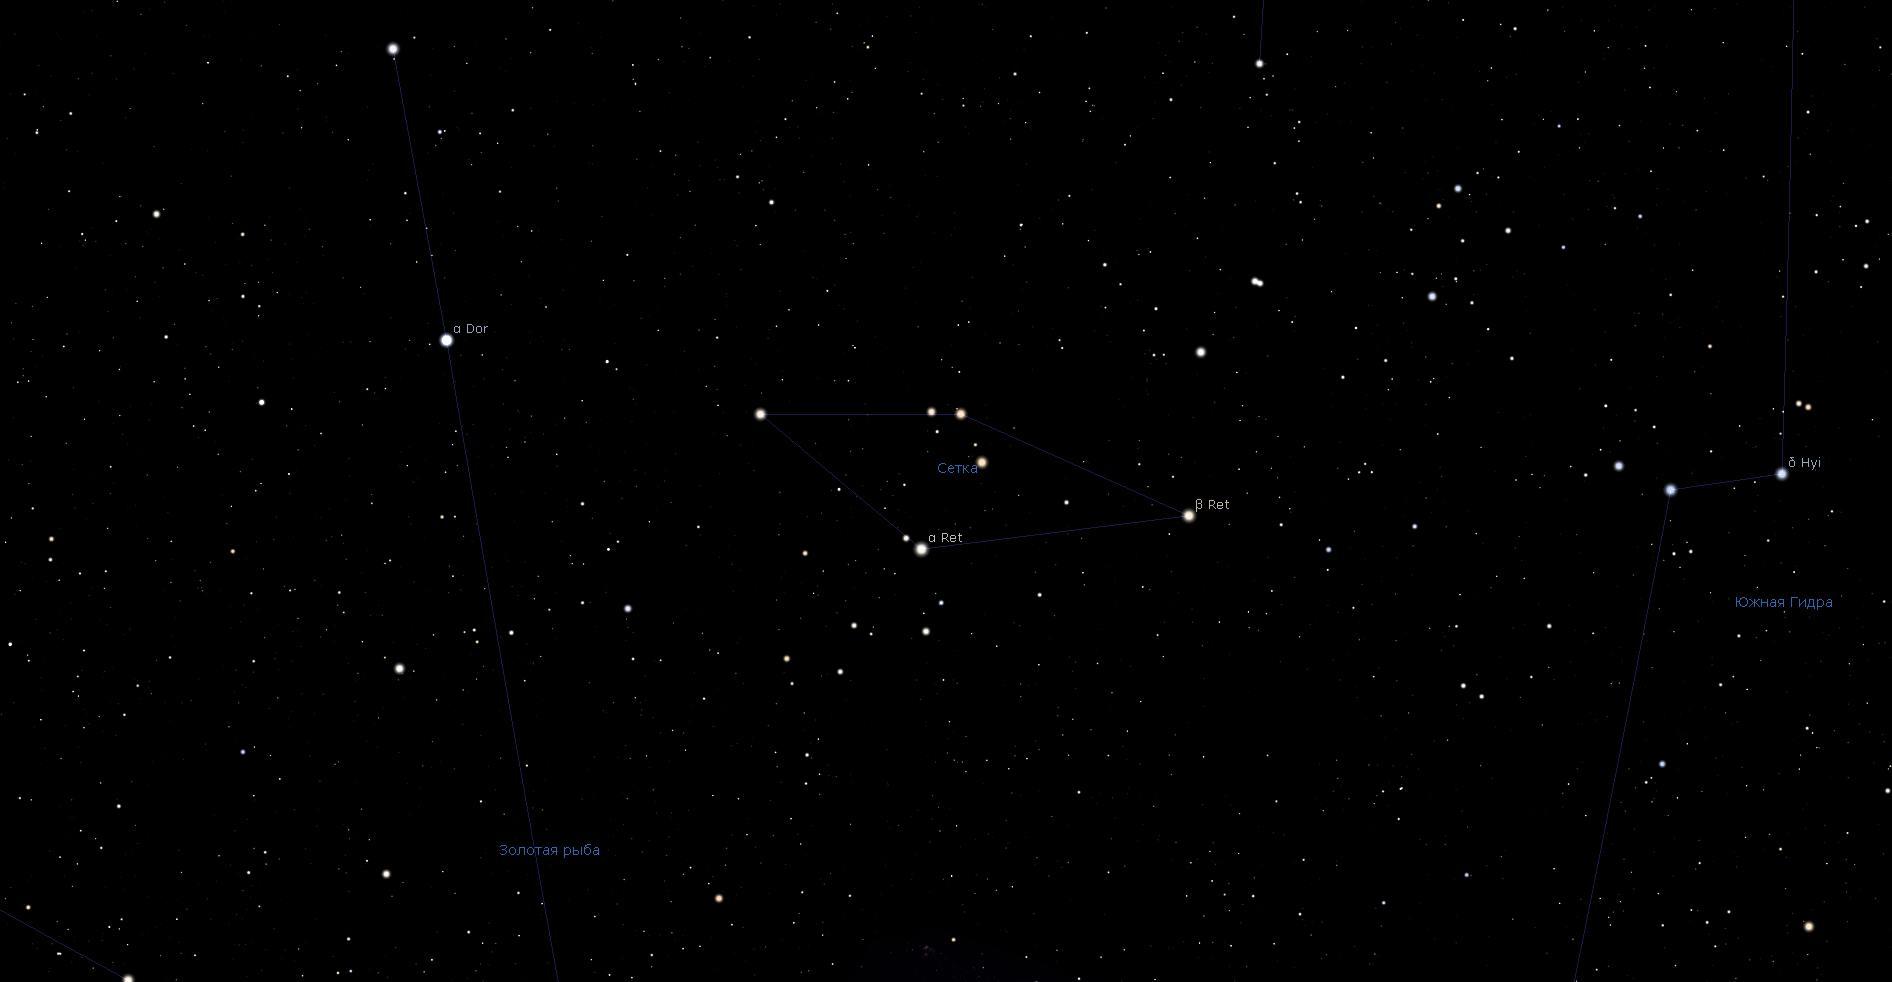 Созвездие Сетка, вид в программу планетарий Stellarium